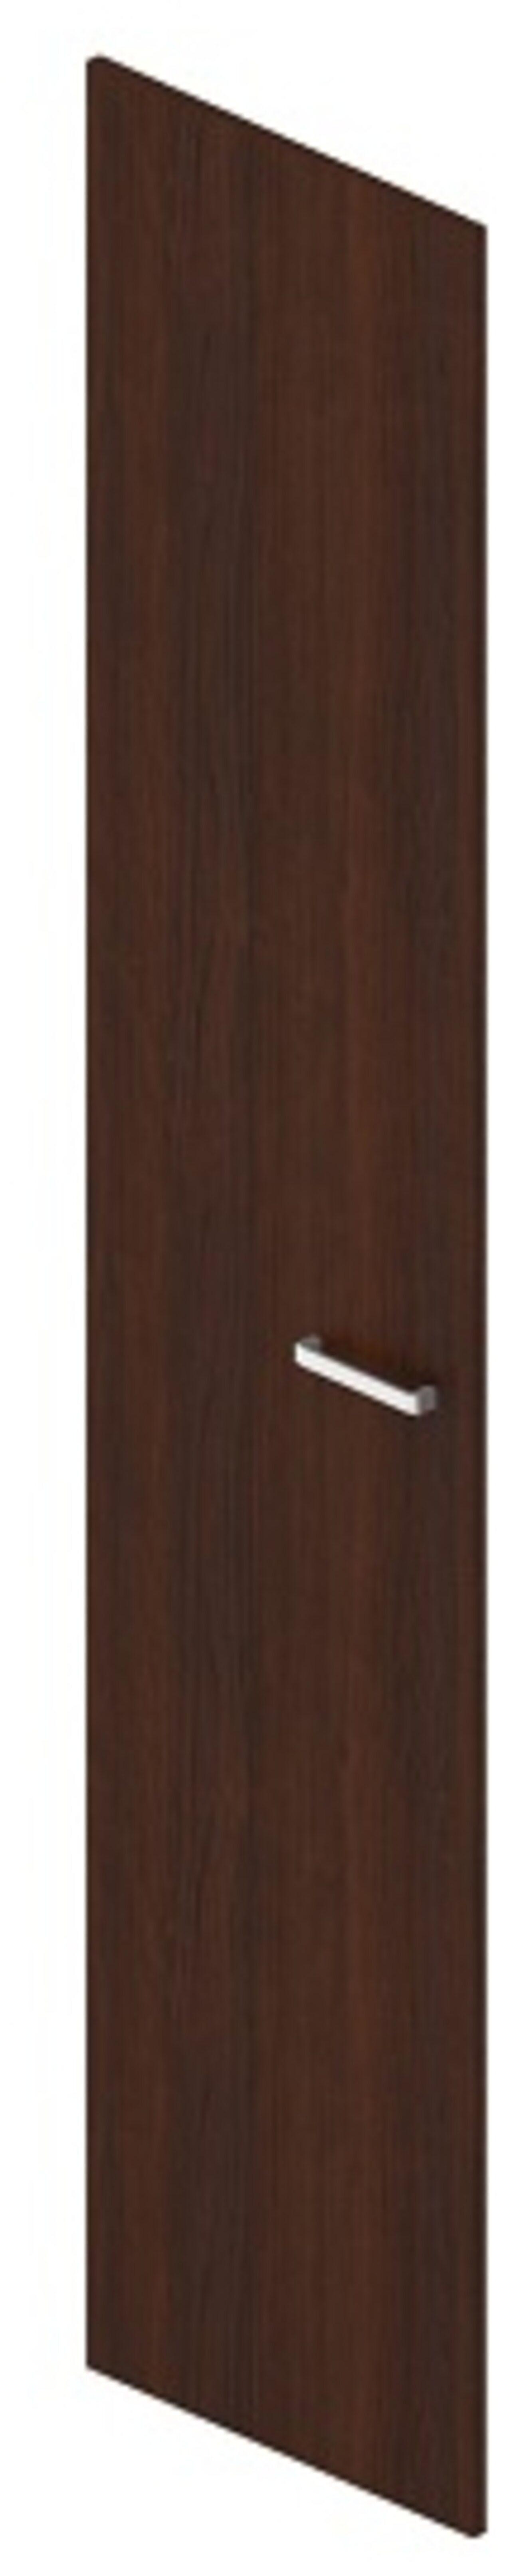 Дверь глухая - фото 2